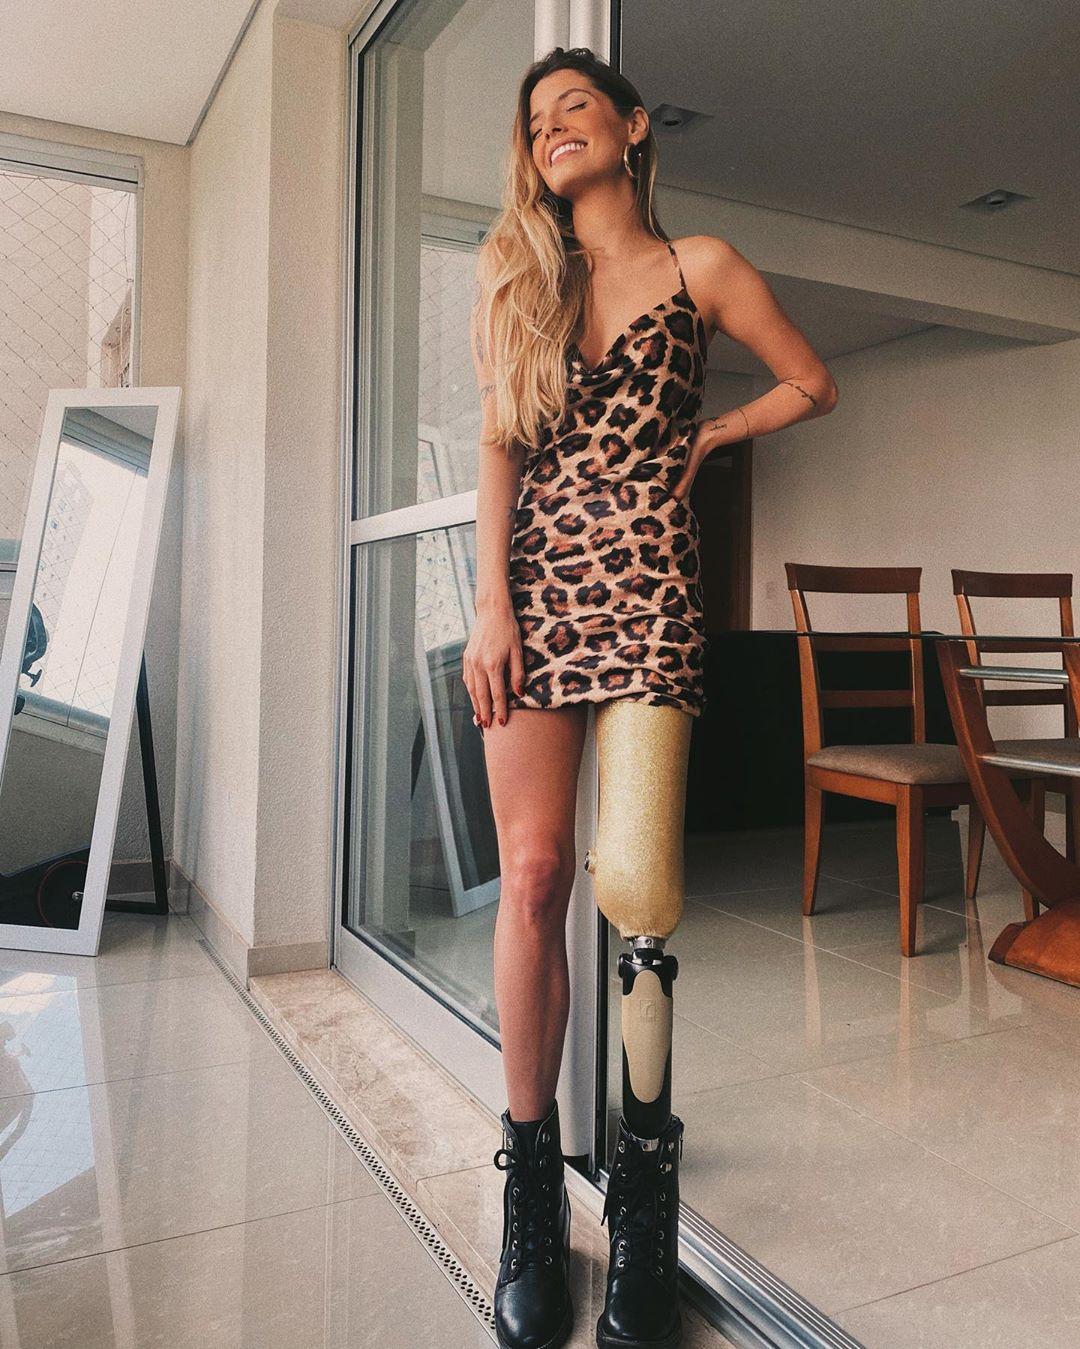 Paola Antonini usando vestido de alcinha com estampa de oncinha e coturno preto. Ela está encostada em uma porta, olhando para o lado, sorrindo com uma das mãos na cintura.